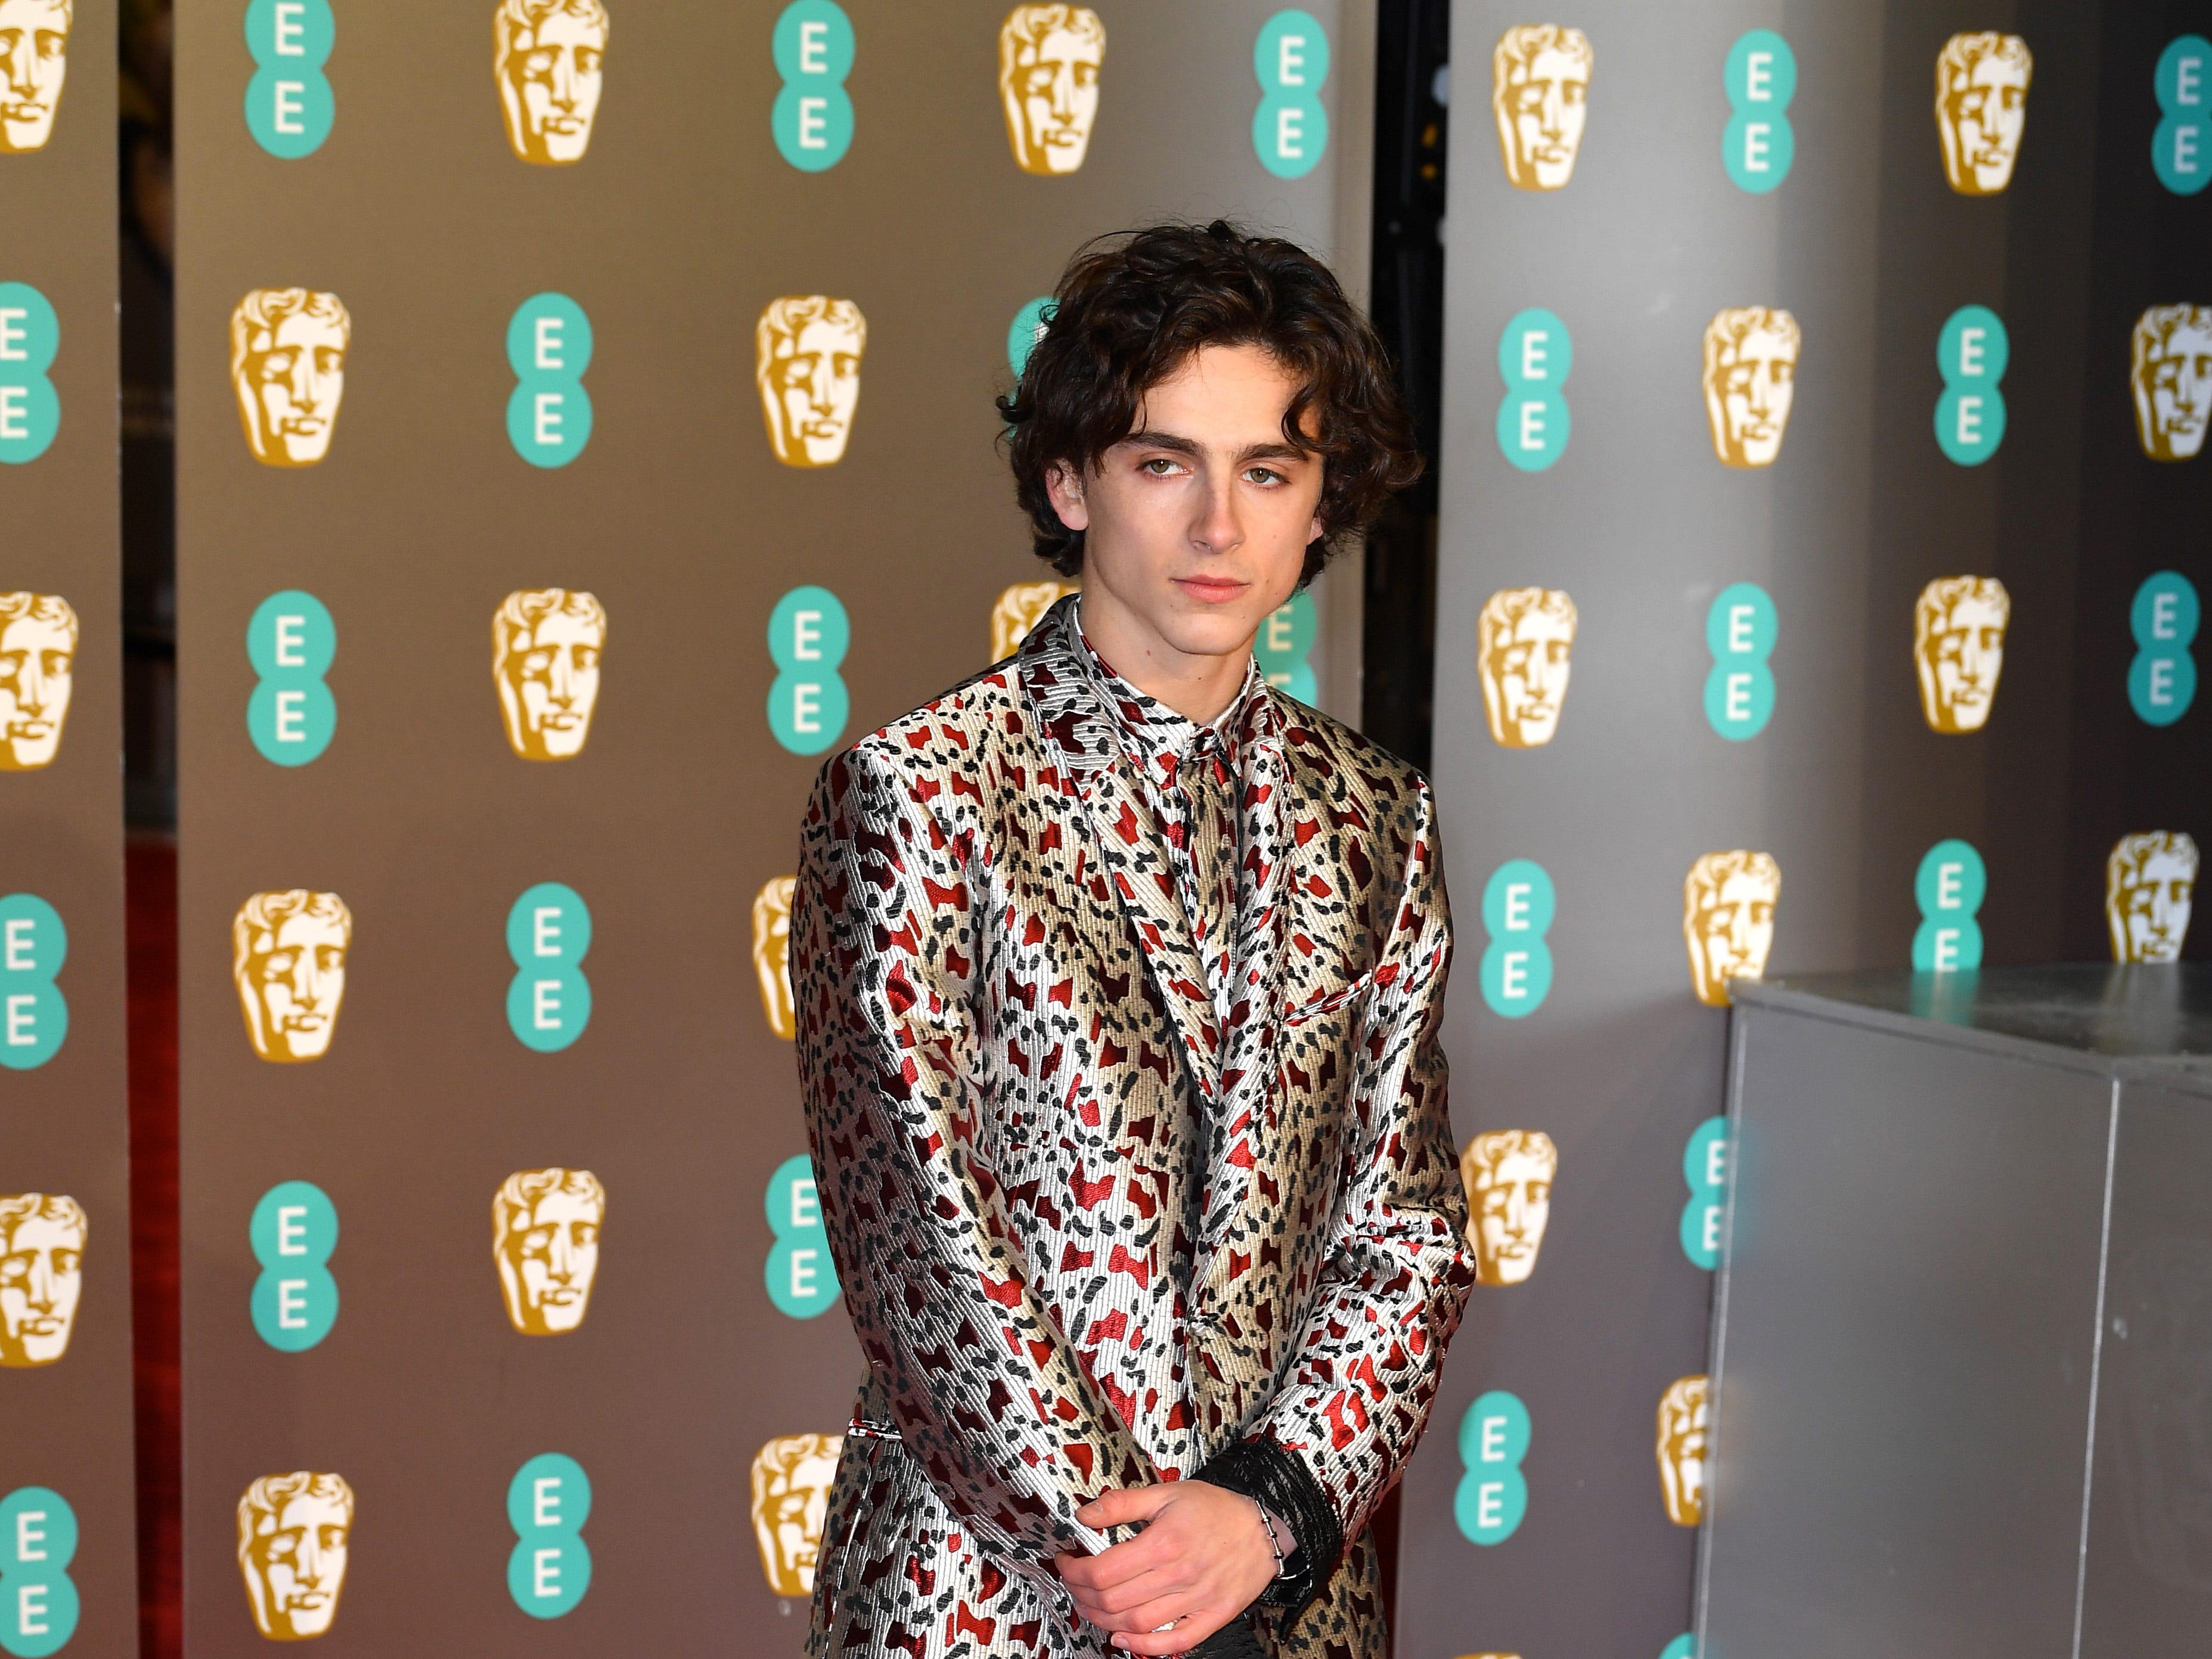 Timothée Chalamet a su llegada a la alfombra roja de los Premios de la Academia Británica de Cine BAFTA en el Royal Albert Hall en Londres el 10 de febrero de 2019.